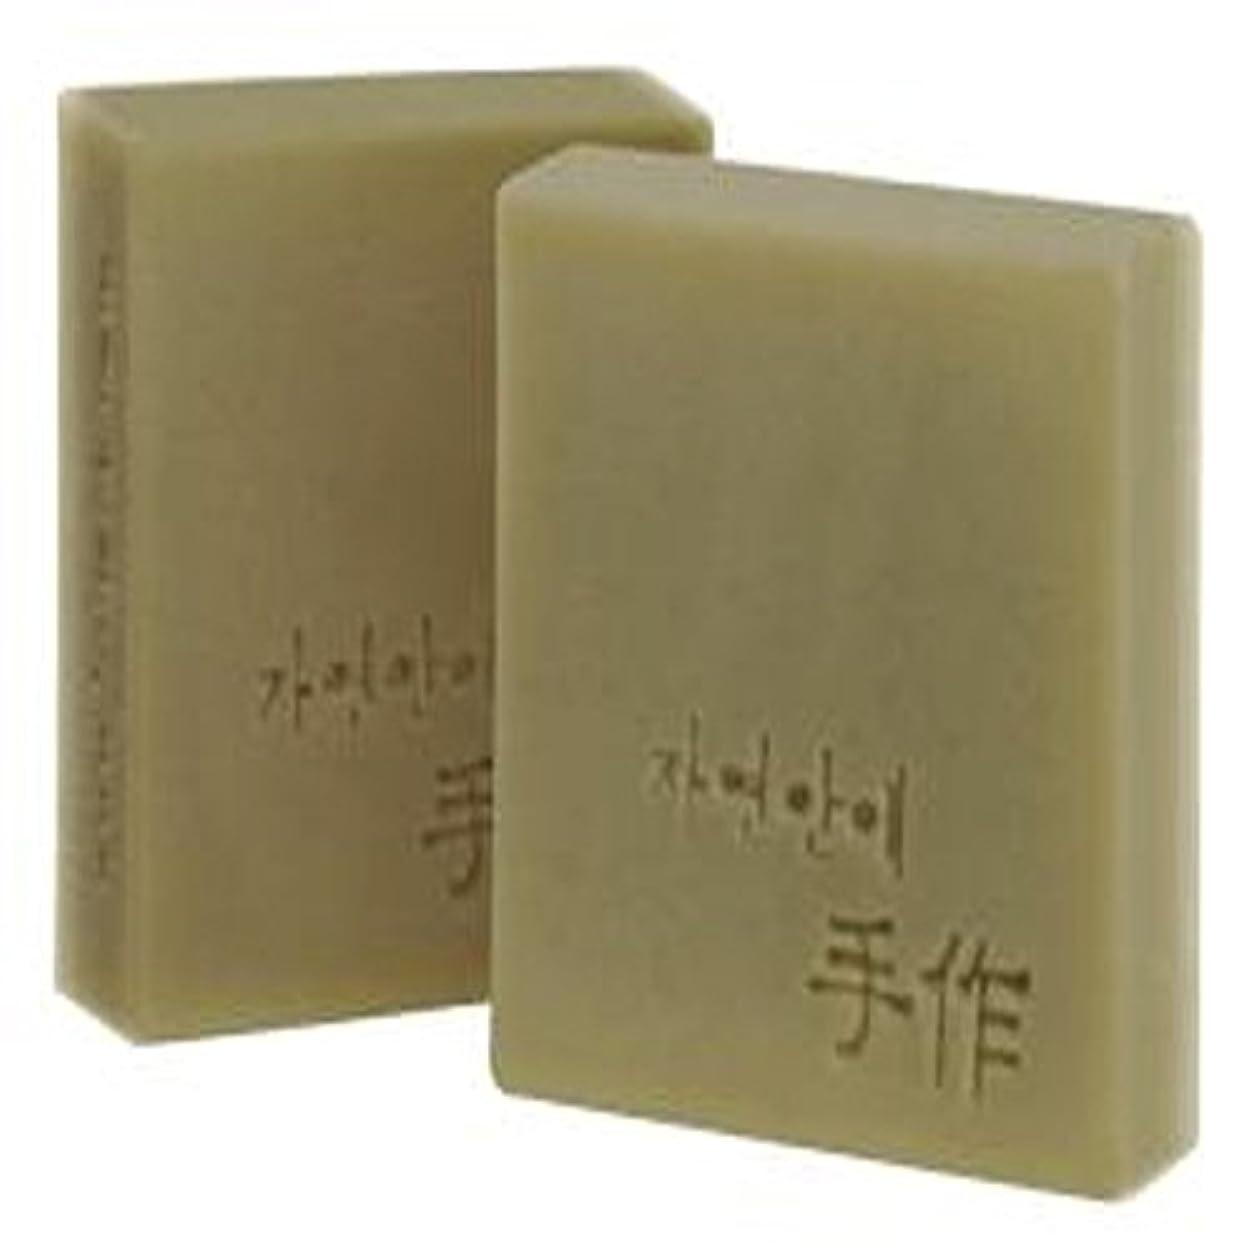 郵便老人の間でNatural organic 有機天然ソープ 固形 無添加 洗顔せっけんクレンジング 石鹸 [並行輸入品] (アプリコット)